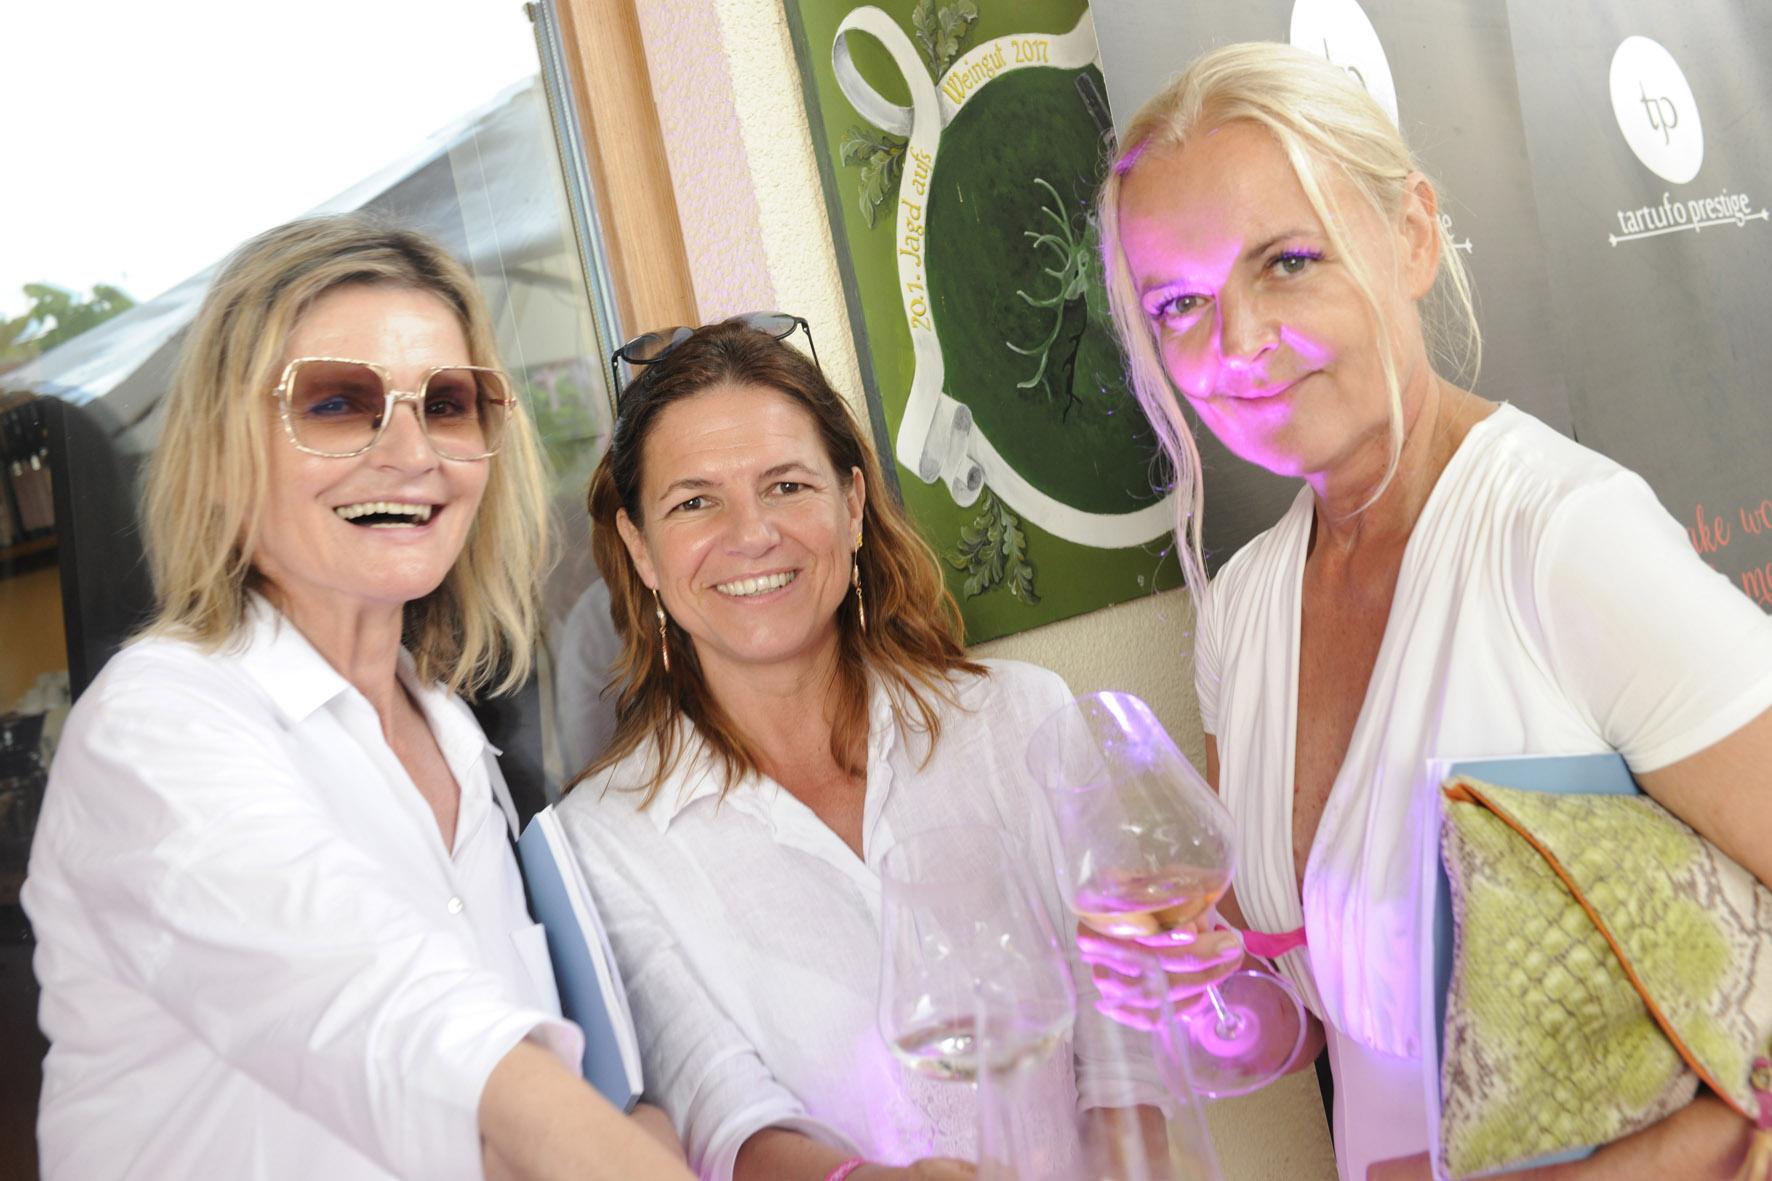 """""""PINK &WHITE - Bubble Night"""" am wunderschönen Gut Pössnitzberg in Leutschach: Hedi Grager, Journalistin&Publisher www.hedigrager.com, Sabine Flieser-Just, Genuss-Coach und Präsidentin des Steirischen Sommeliervereins, sowie Susanne Baumann-Cox, The Good Gin. (Foto Gut Pössnitzberg/Apresvino)"""